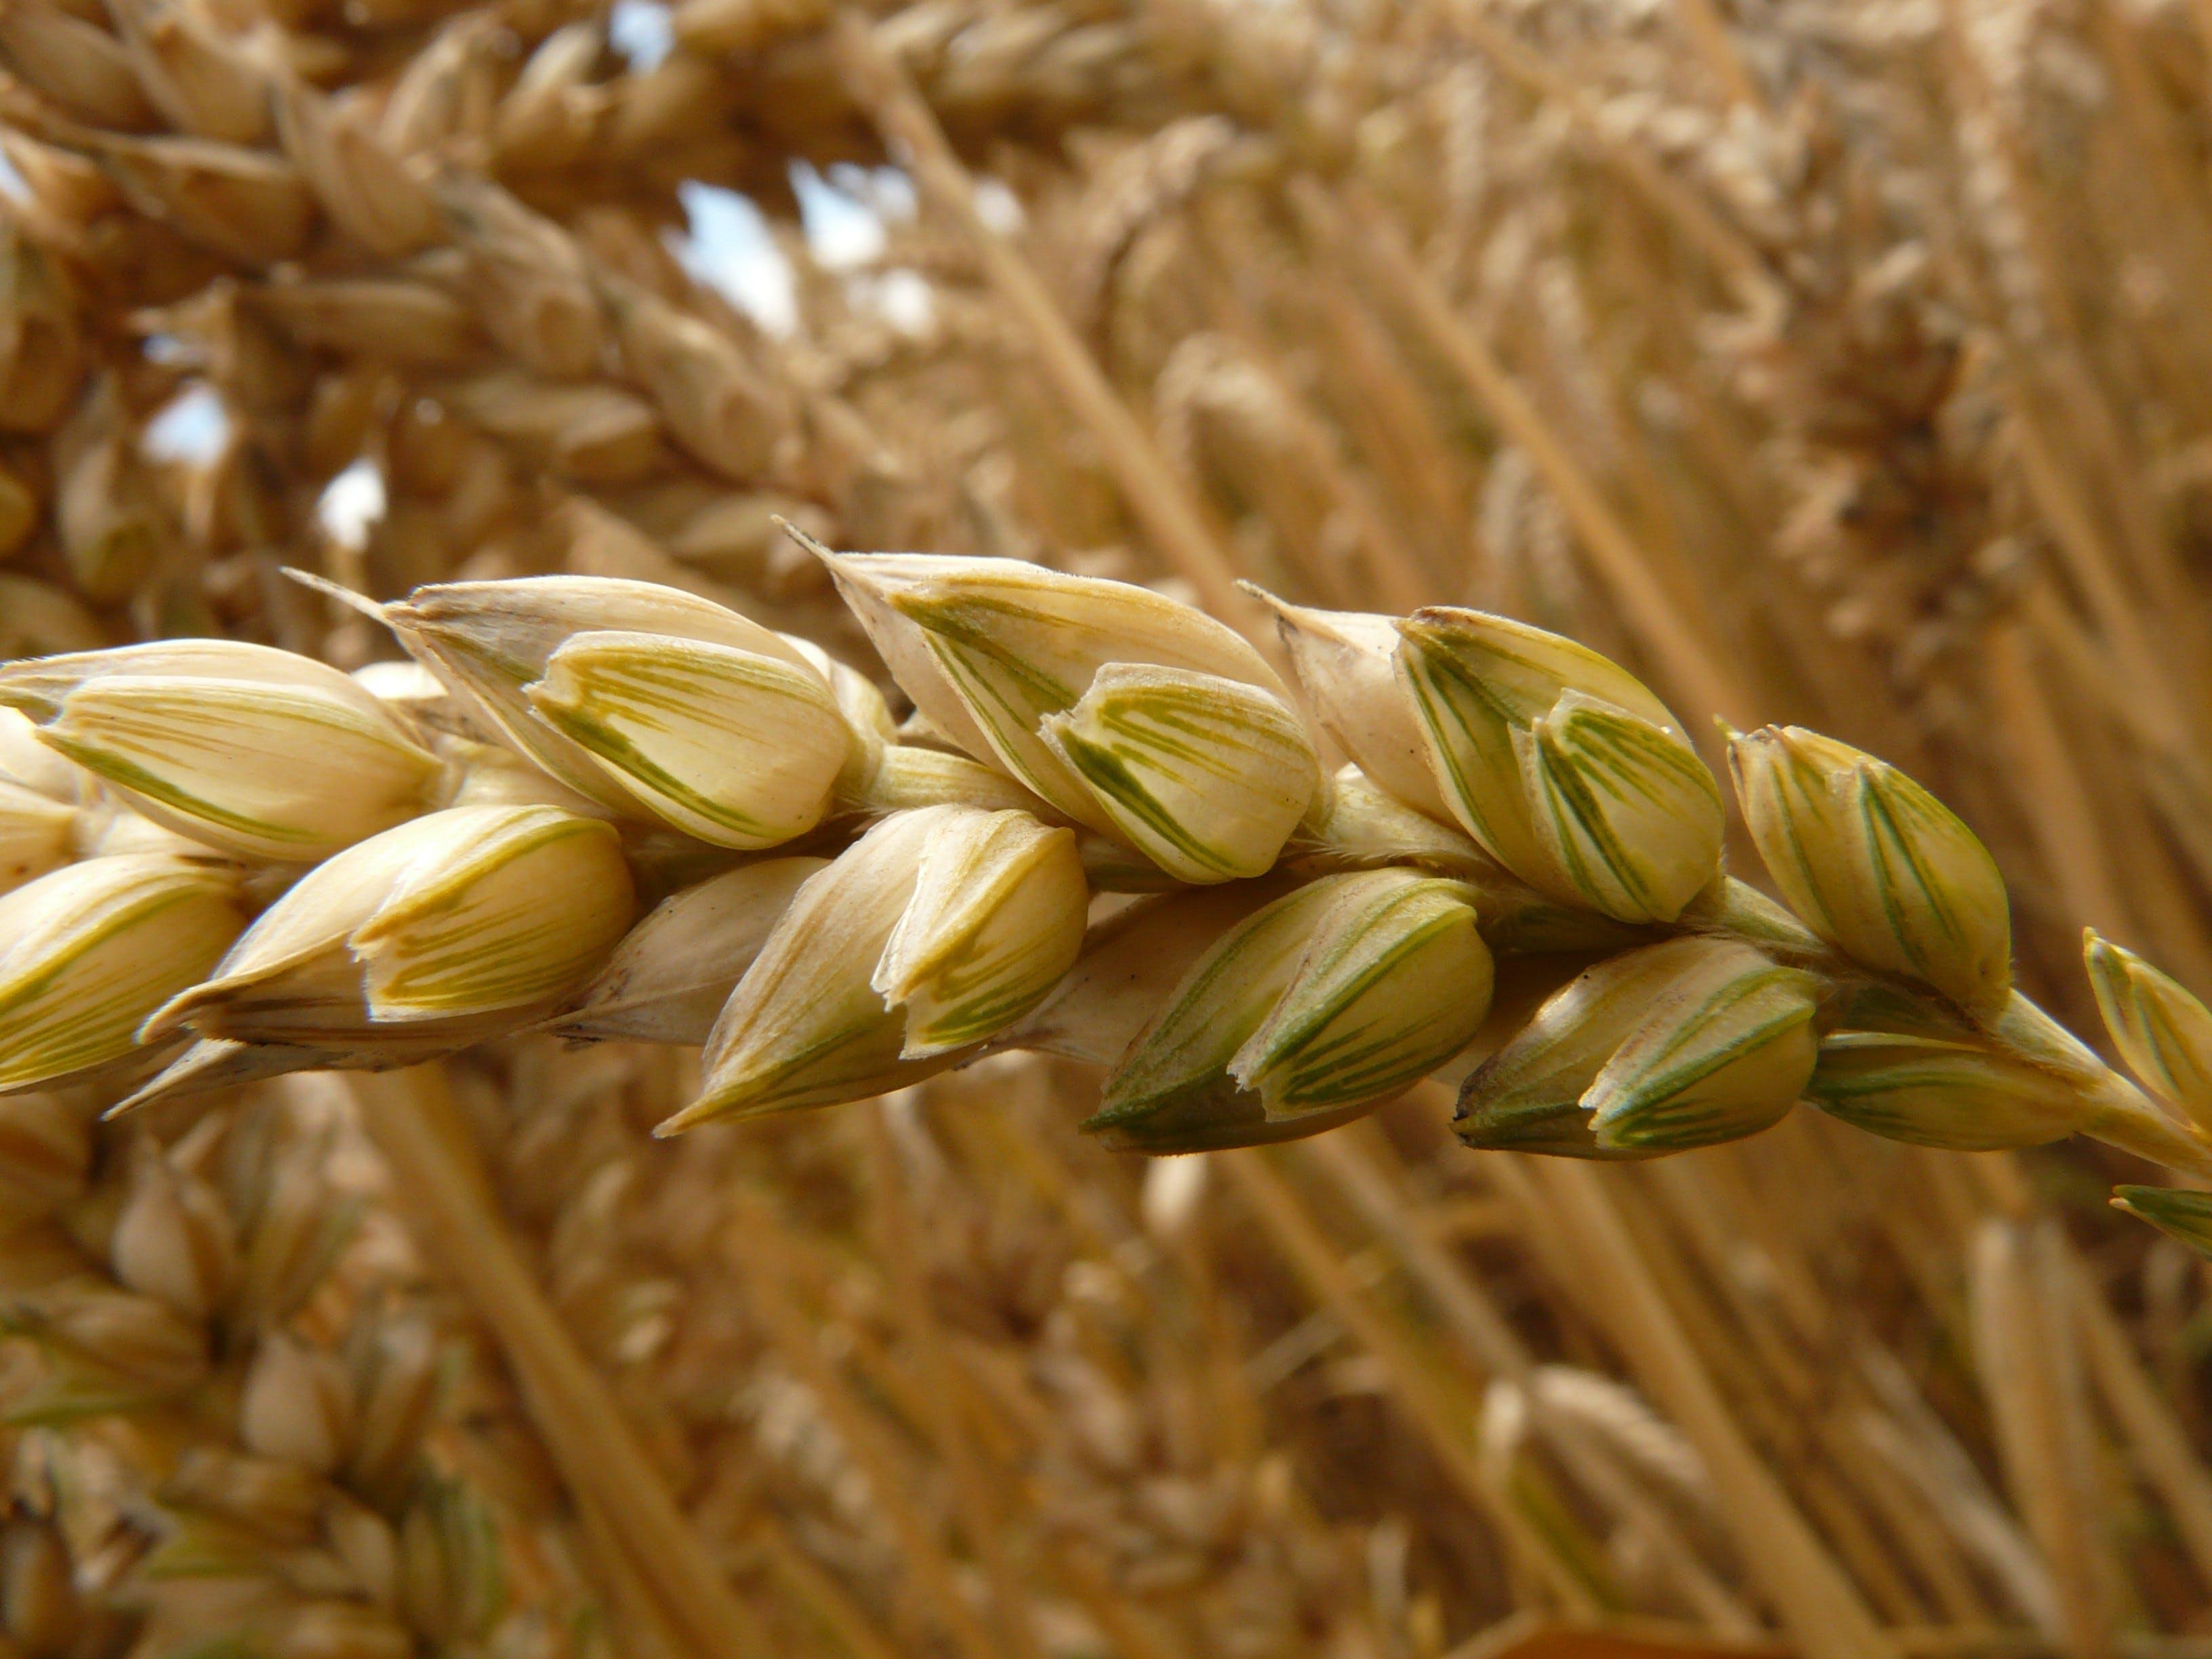 Gratis arkivbilde med åker, anlegg, gård, hvete